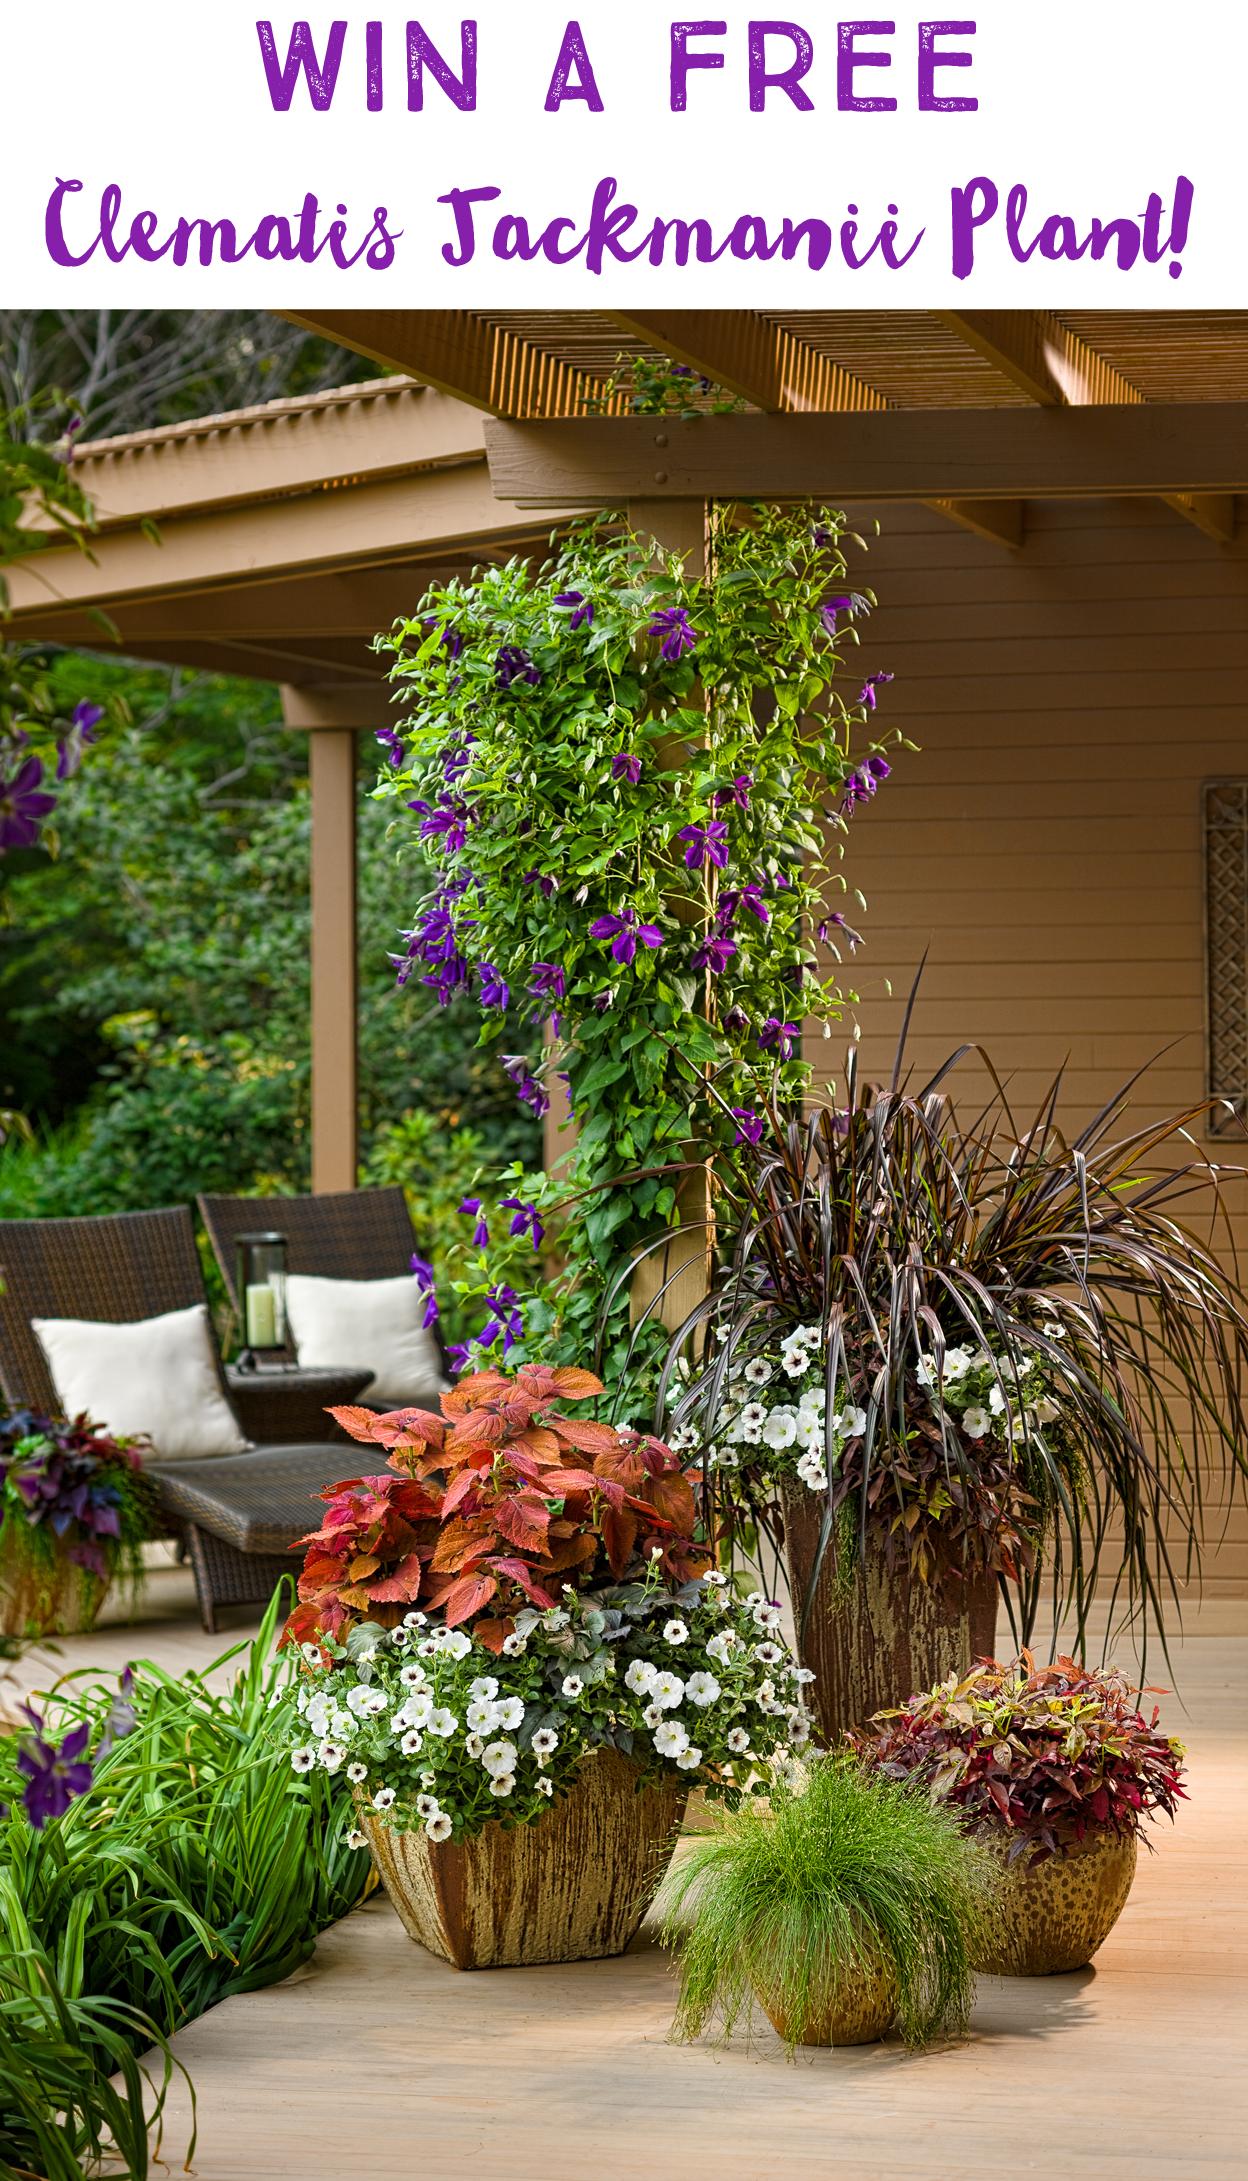 Clematis Jackmanii Giveaway Garden Inspirations Top Gardening